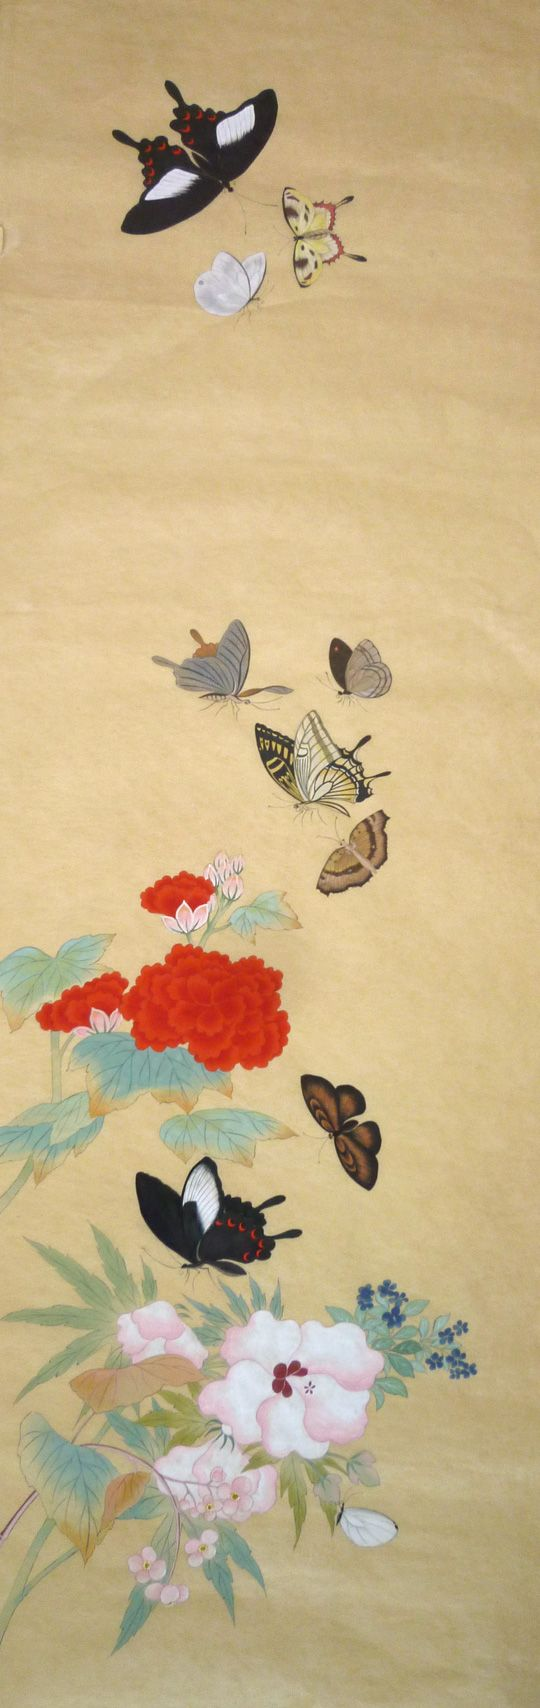 남계우 화접도_우리의 옛 그림 배우기 : 네이버 블로그